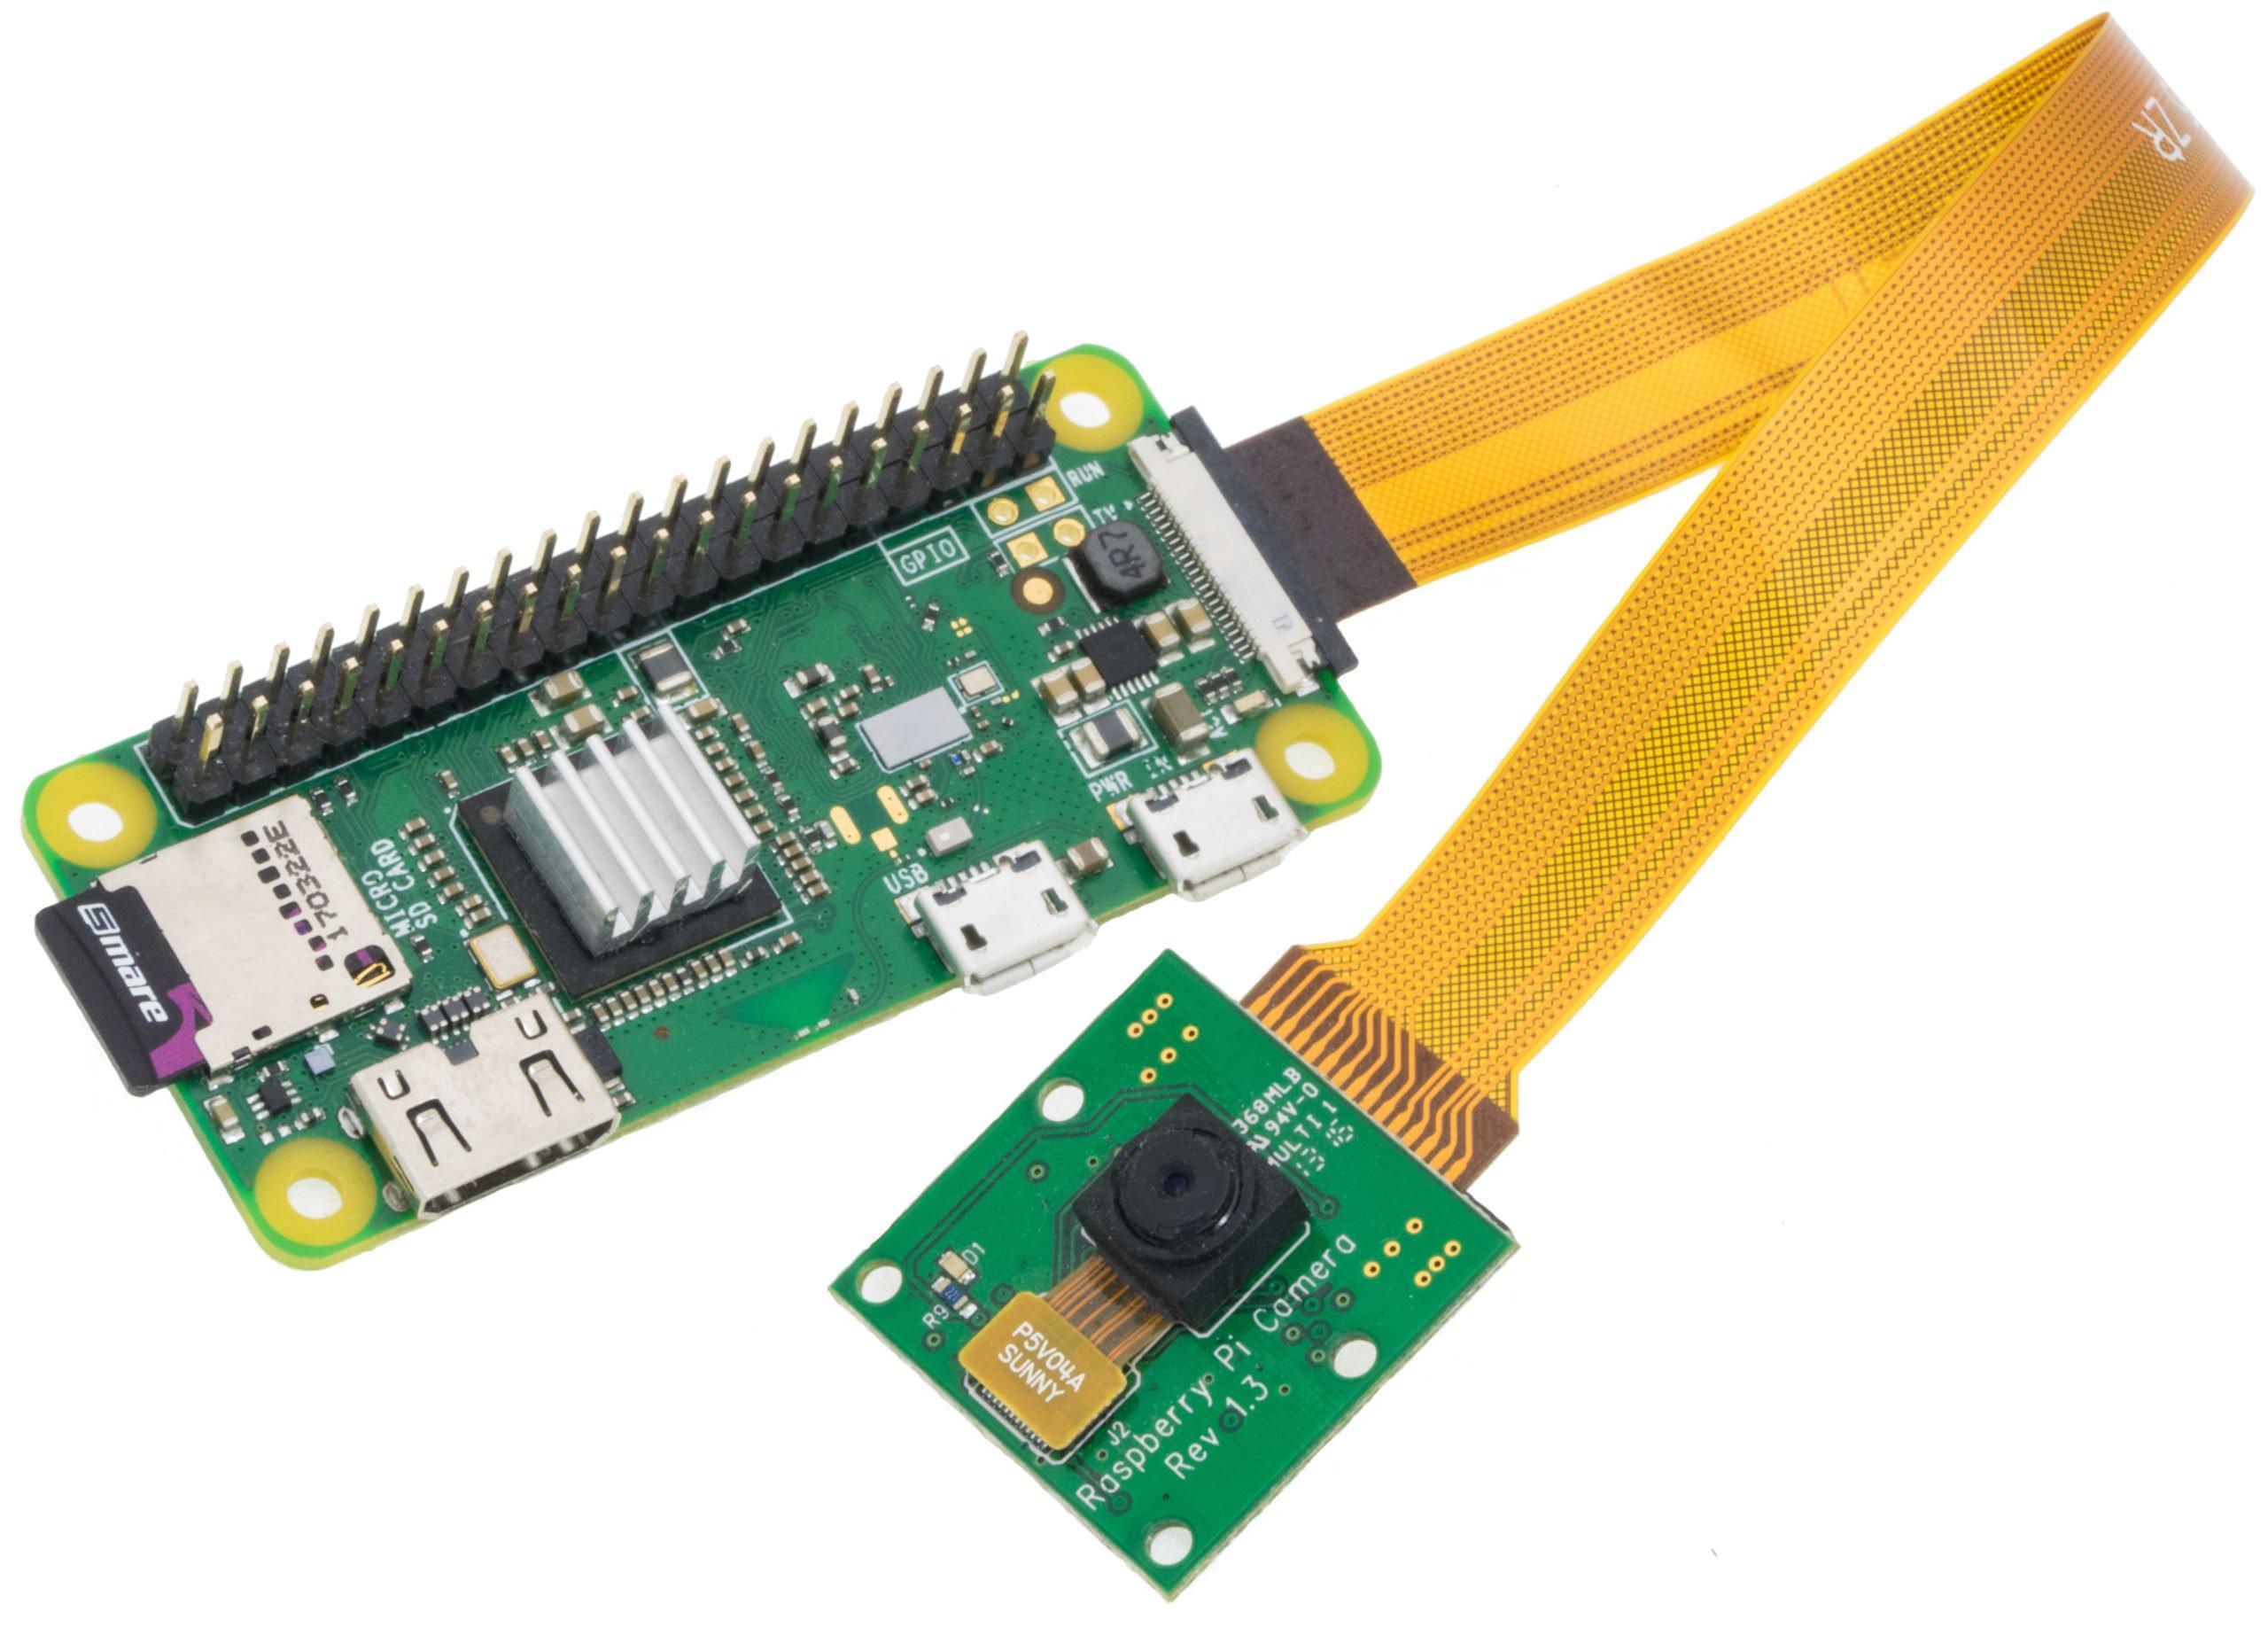 Raspberry Pi Zero W with camera